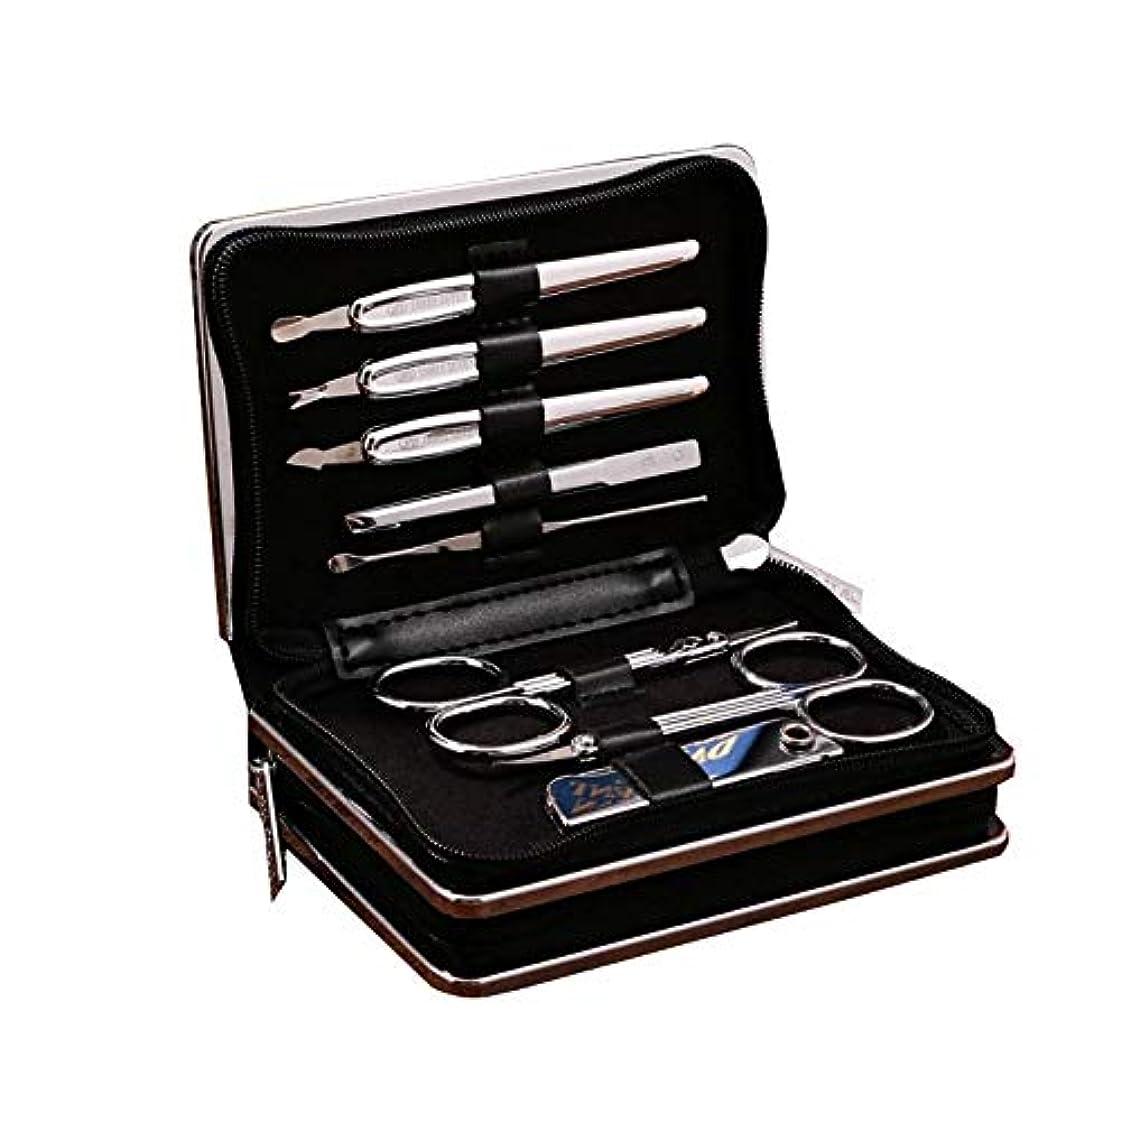 コンパイルビジネス無謀TUOFL マニキュアツールセットの14セット、毎日のニーズを満たすために完全に機能 (Color : Silver)